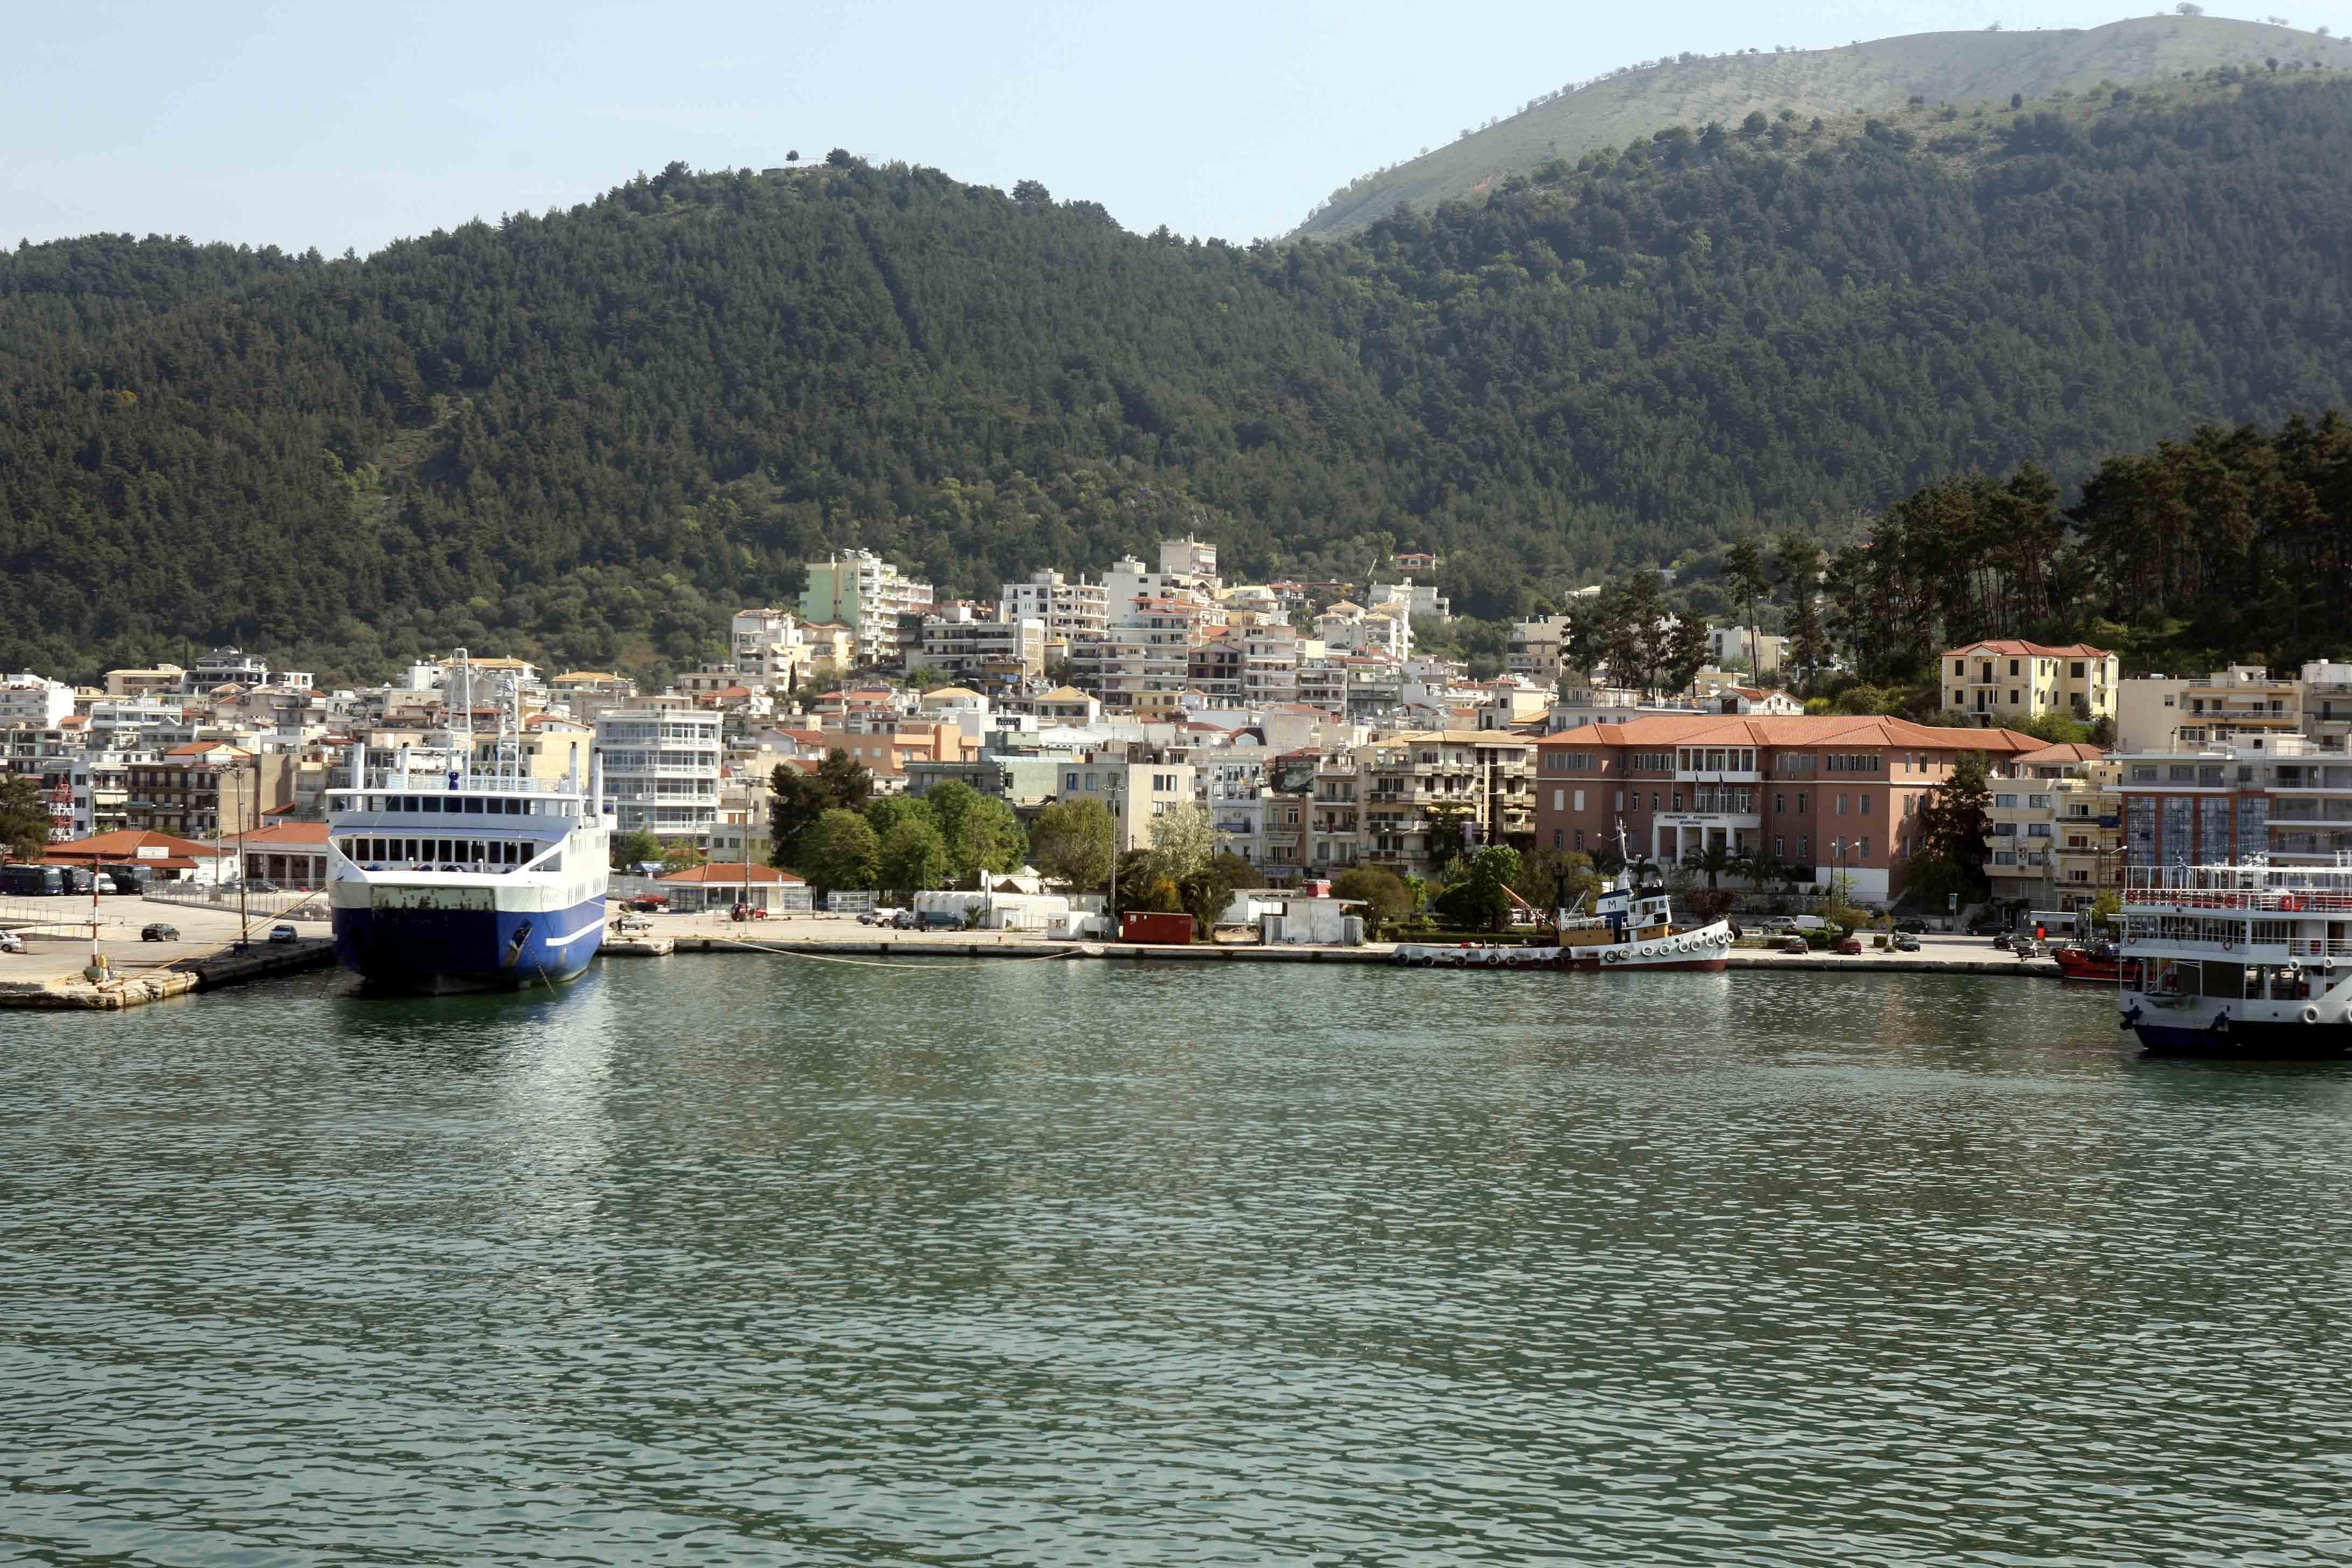 Ηγουμενίτσα: Έφτασαν τα πρώτα πλοία από Ιταλία! Άνοιξε η γραμμή με αυστηρά μέτρα για τον κορονοϊό